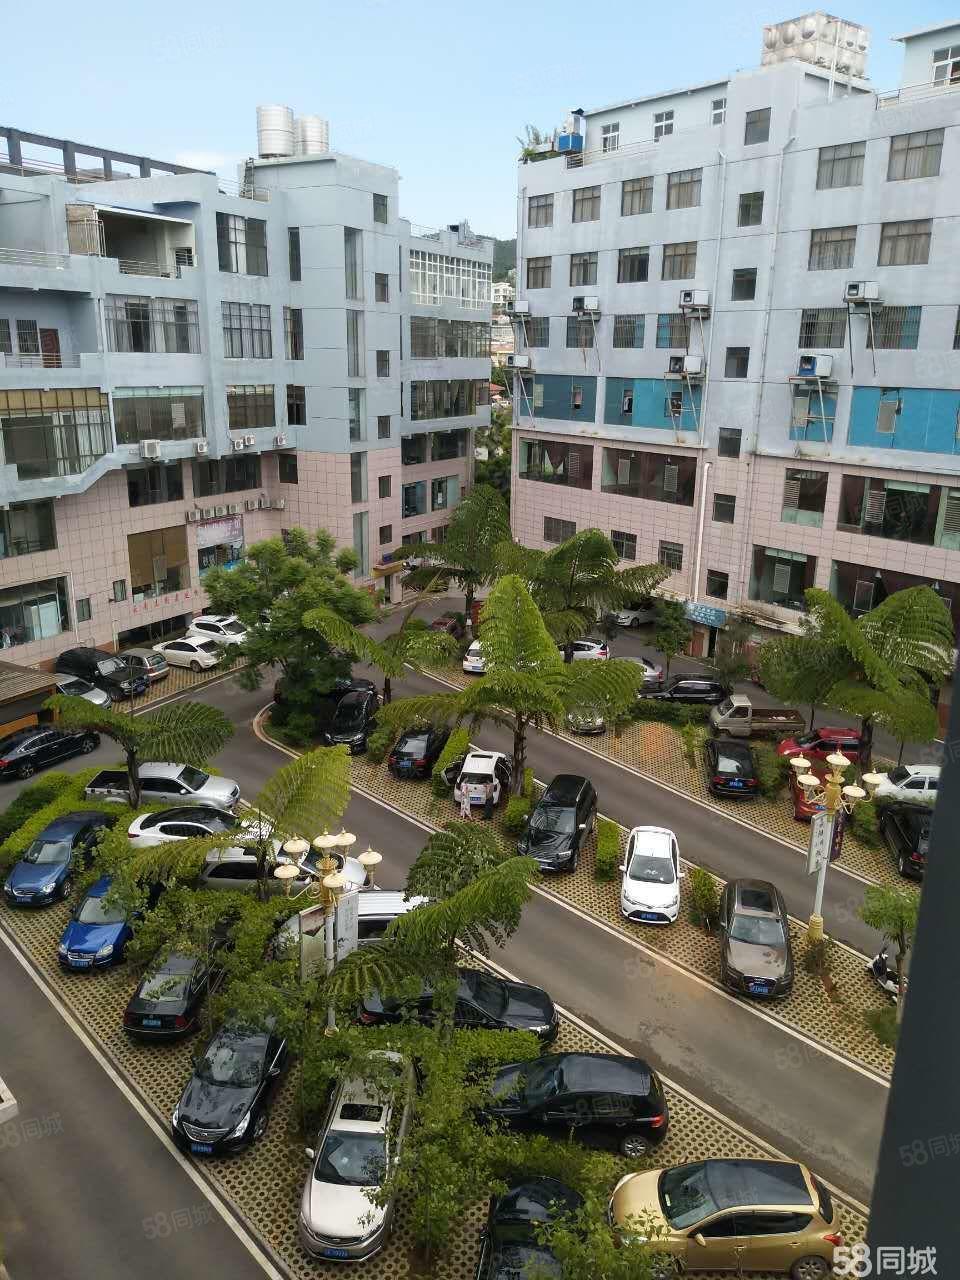 嘉阳商业城单身公寓带电梯停车免费附近的上班族速度下手了!